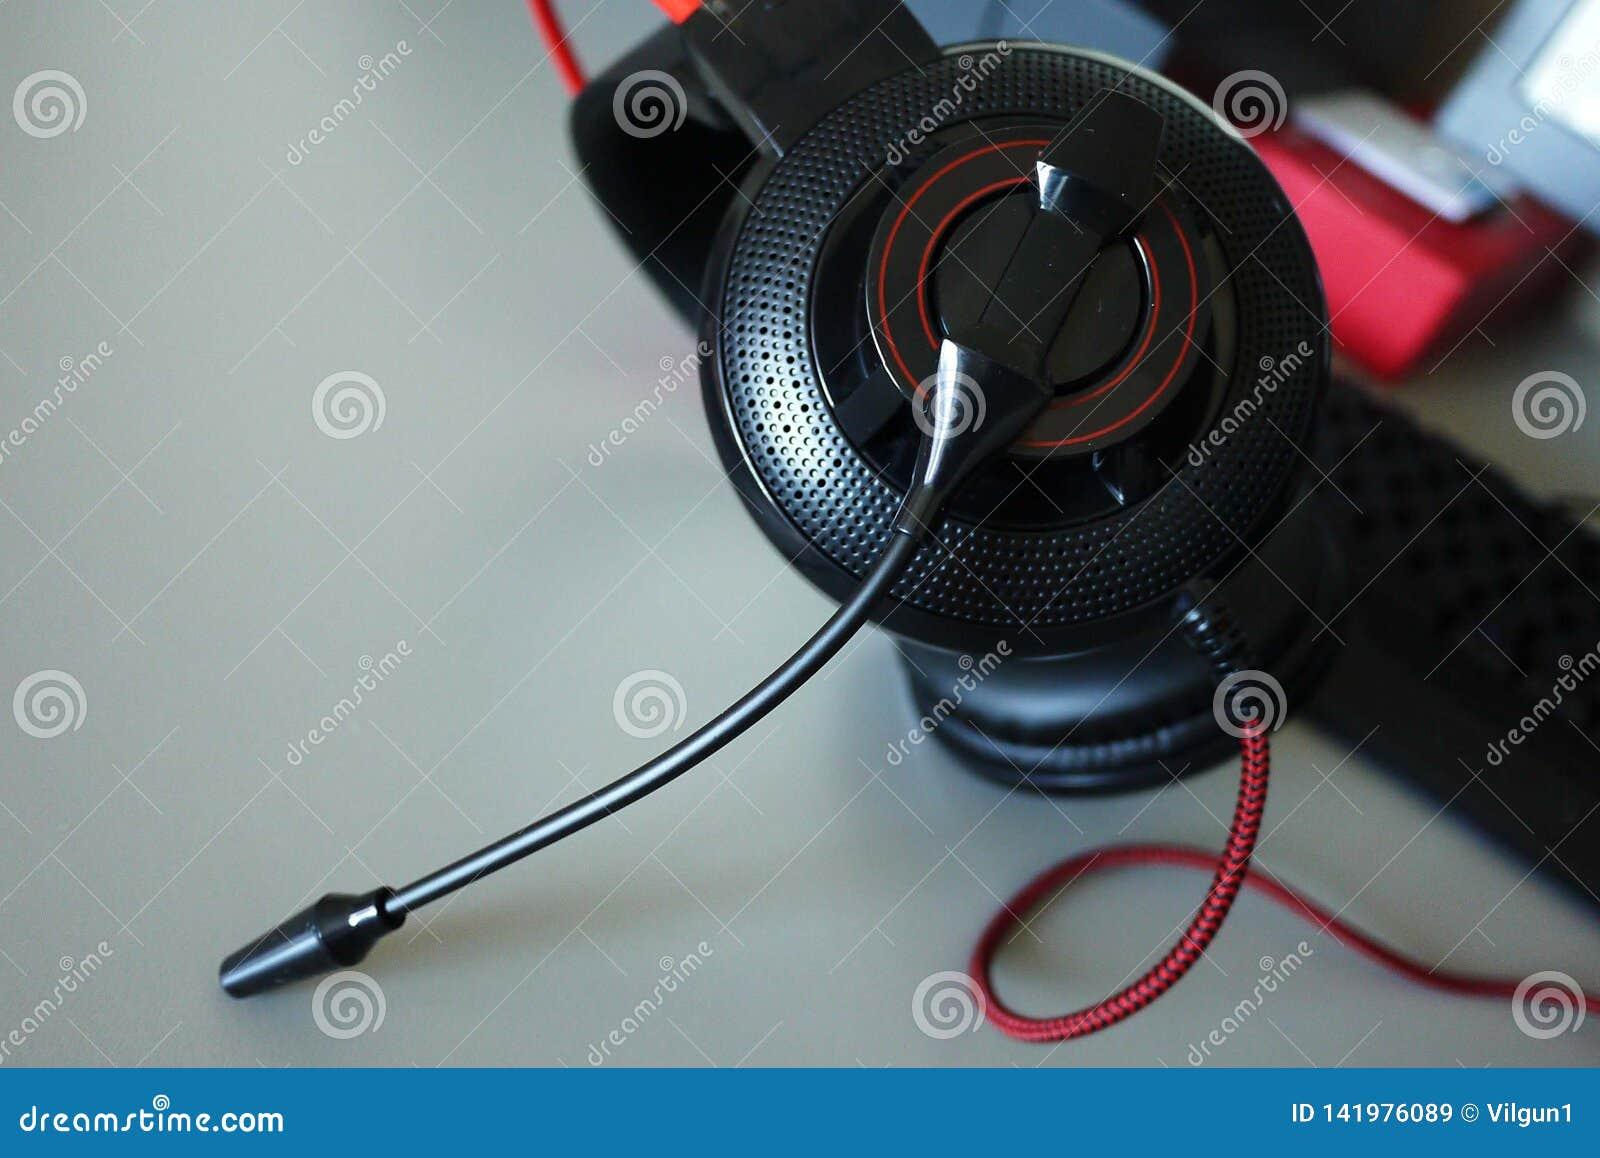 Casque-écouteurs pour des jeux et la communication, détails, plan rapproché